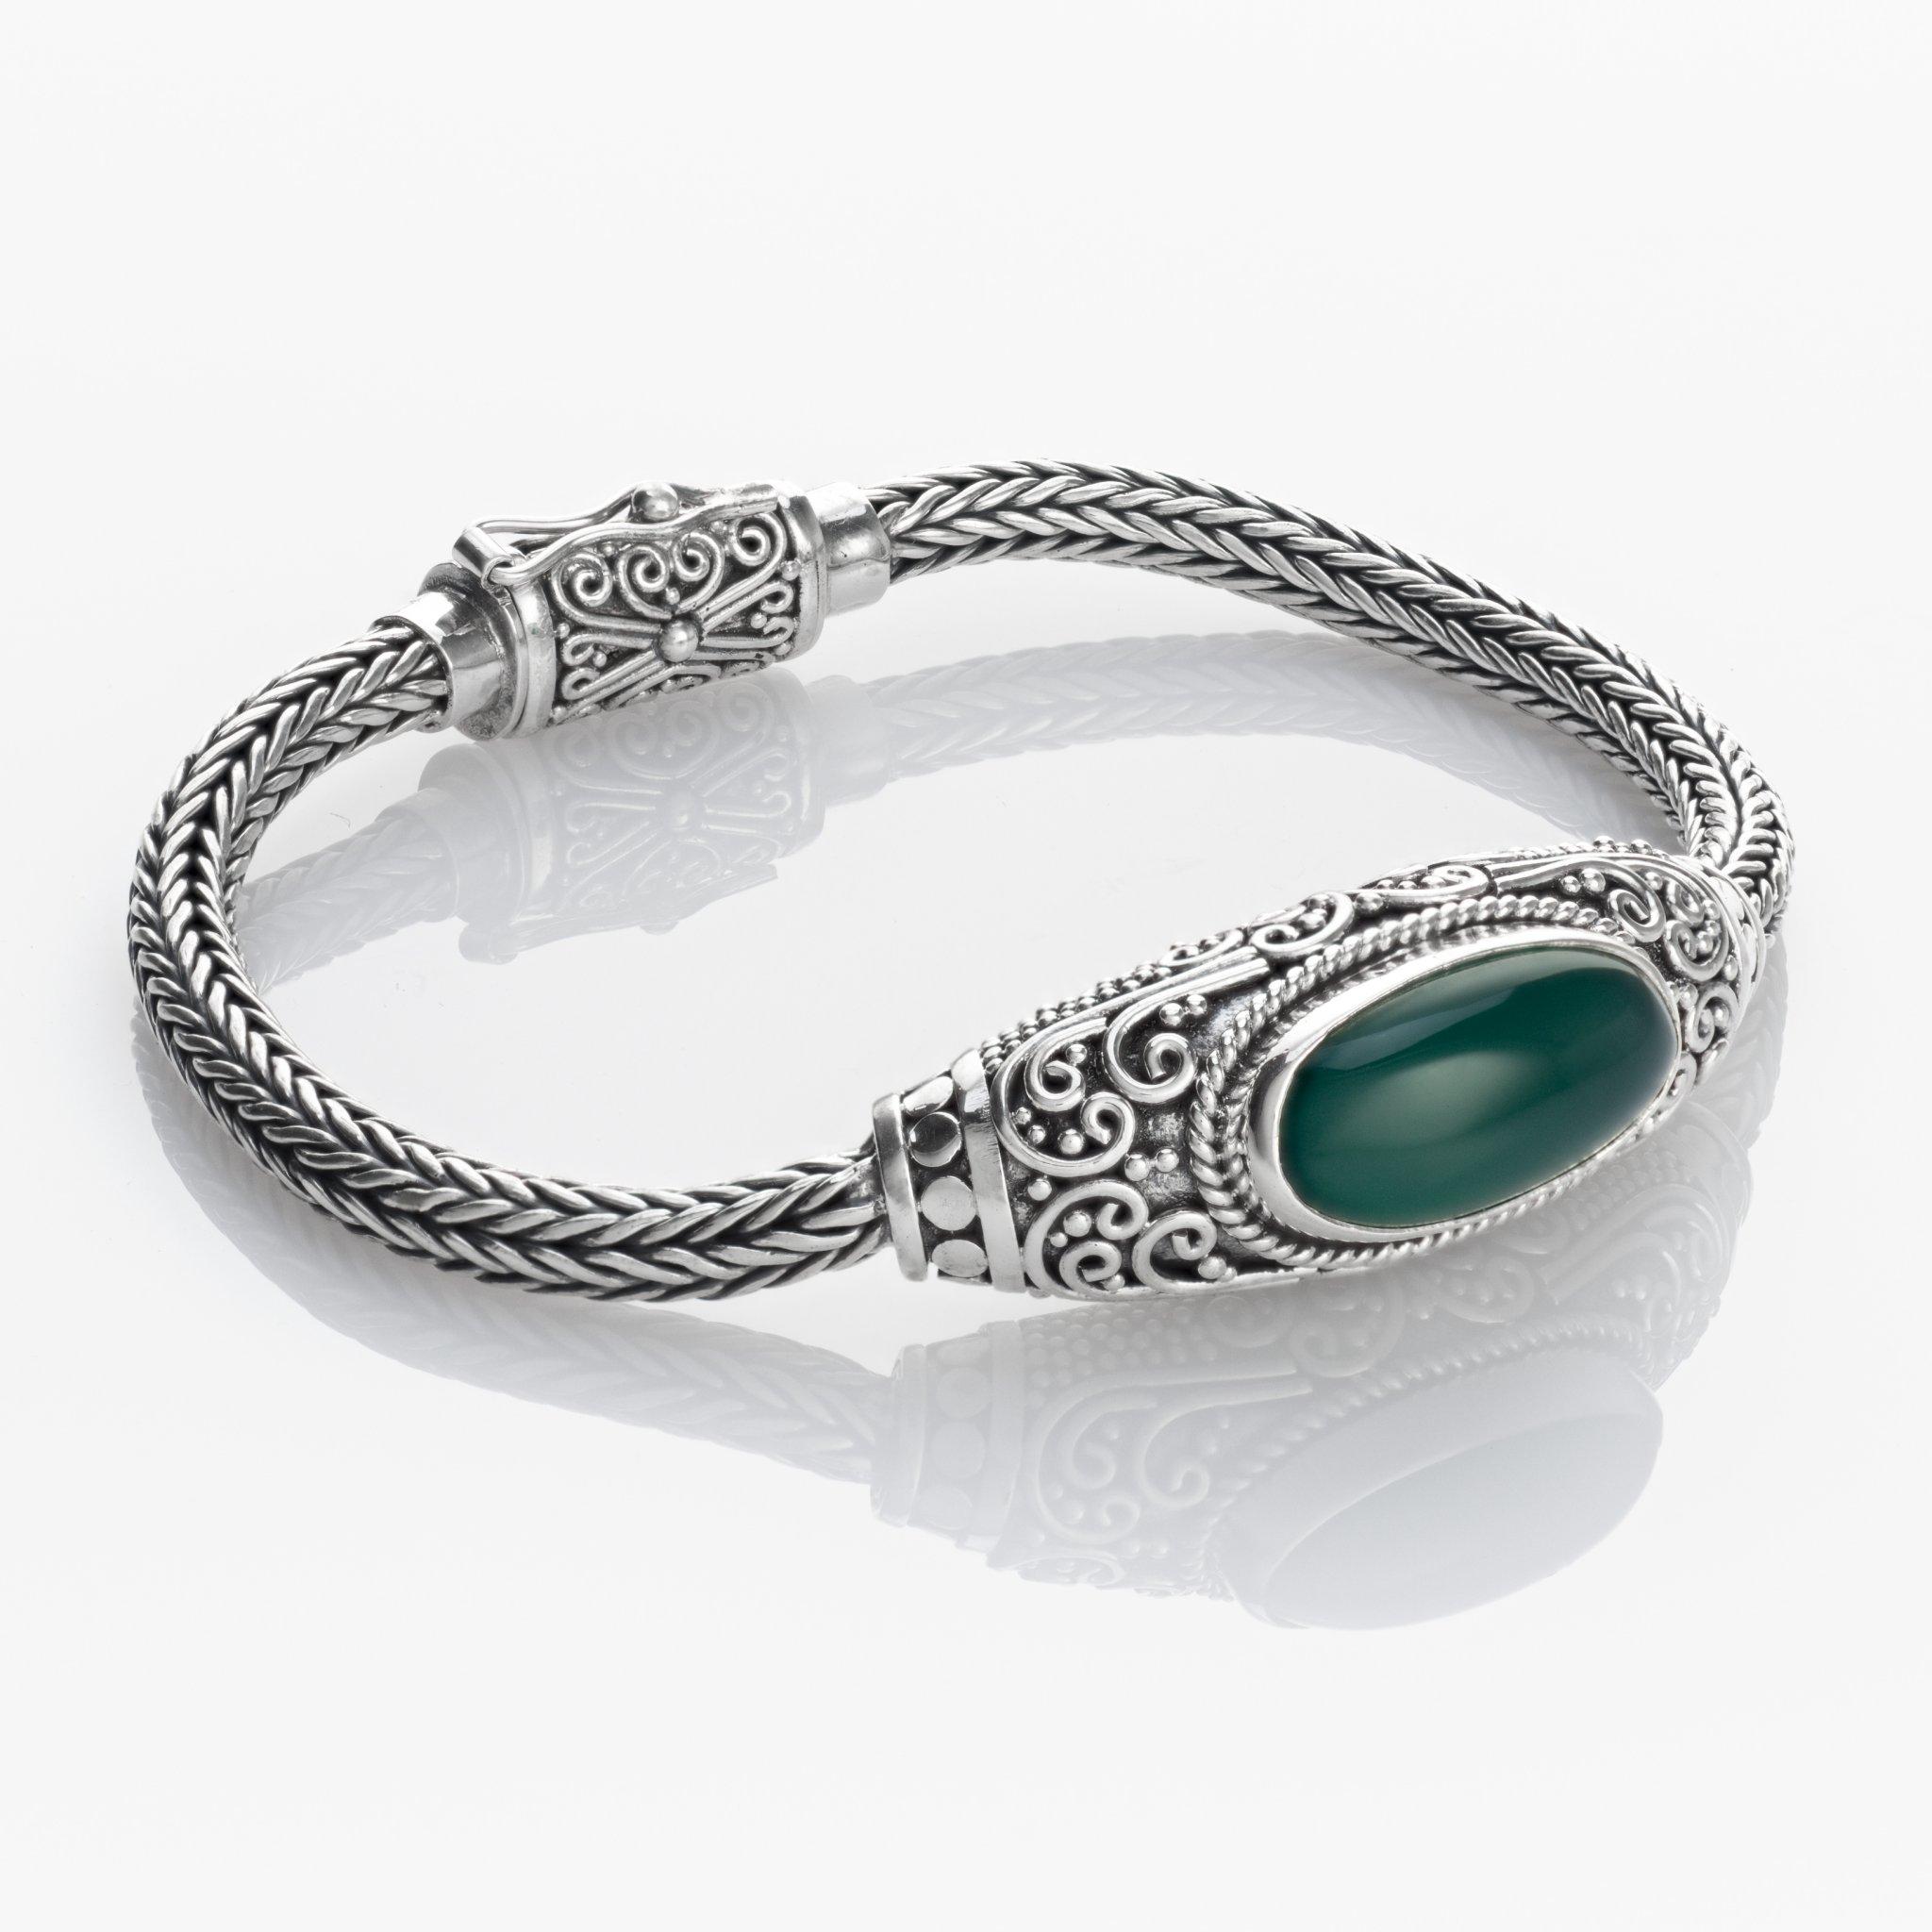 Photographe Lyon - Aurélien AUDY - packshot bijoux focus stacking bracelet